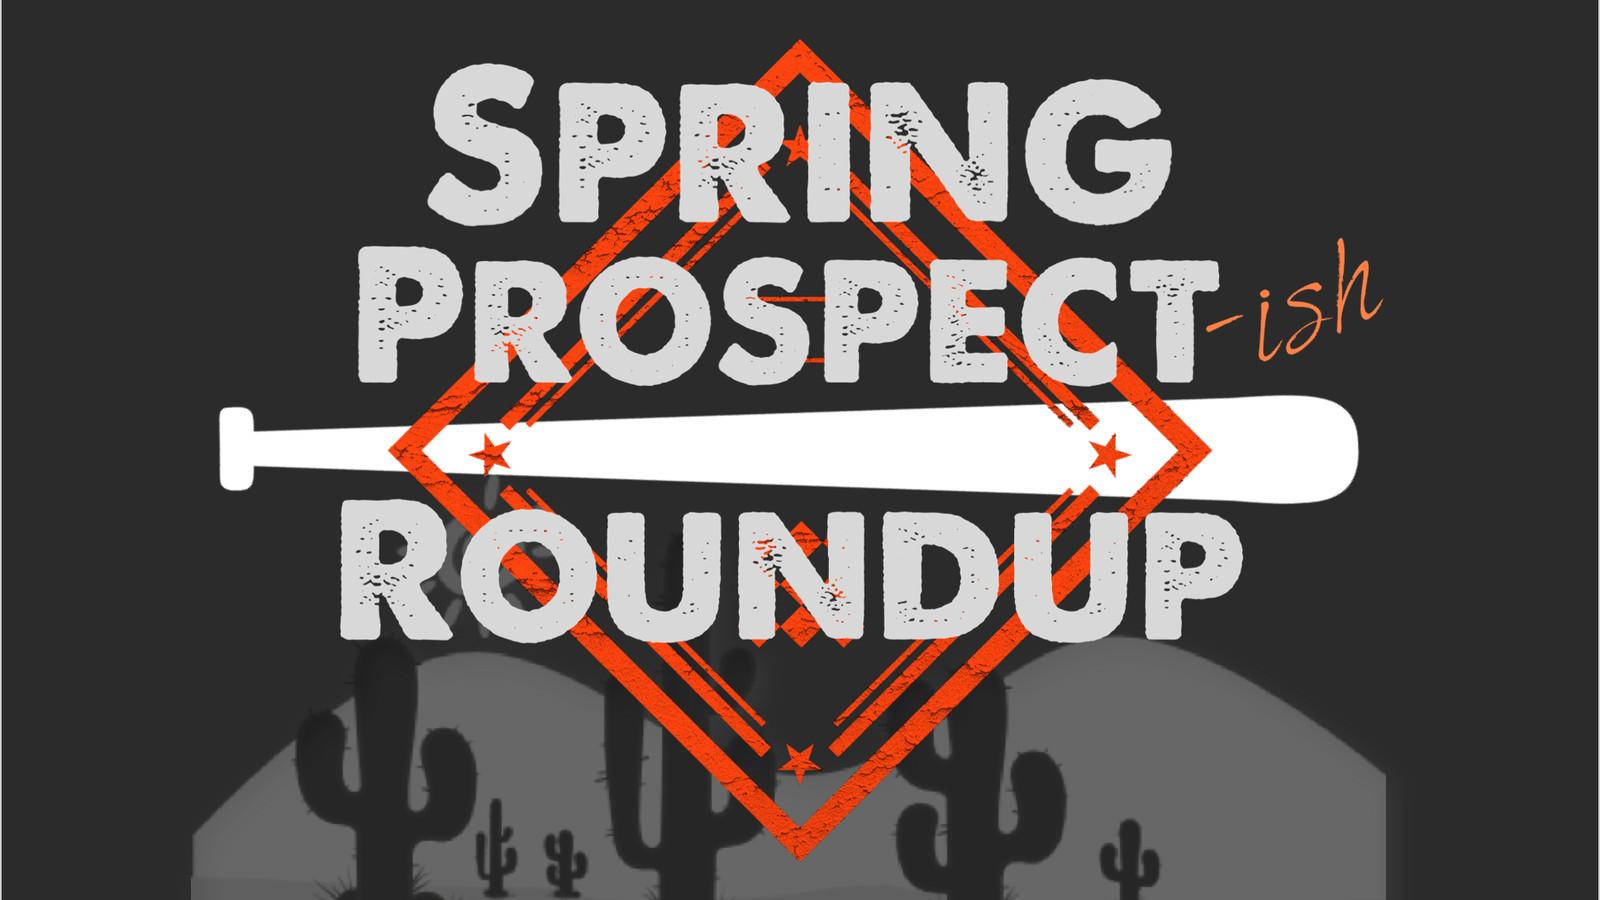 Spring_prospect_ish_roundup_logo.0